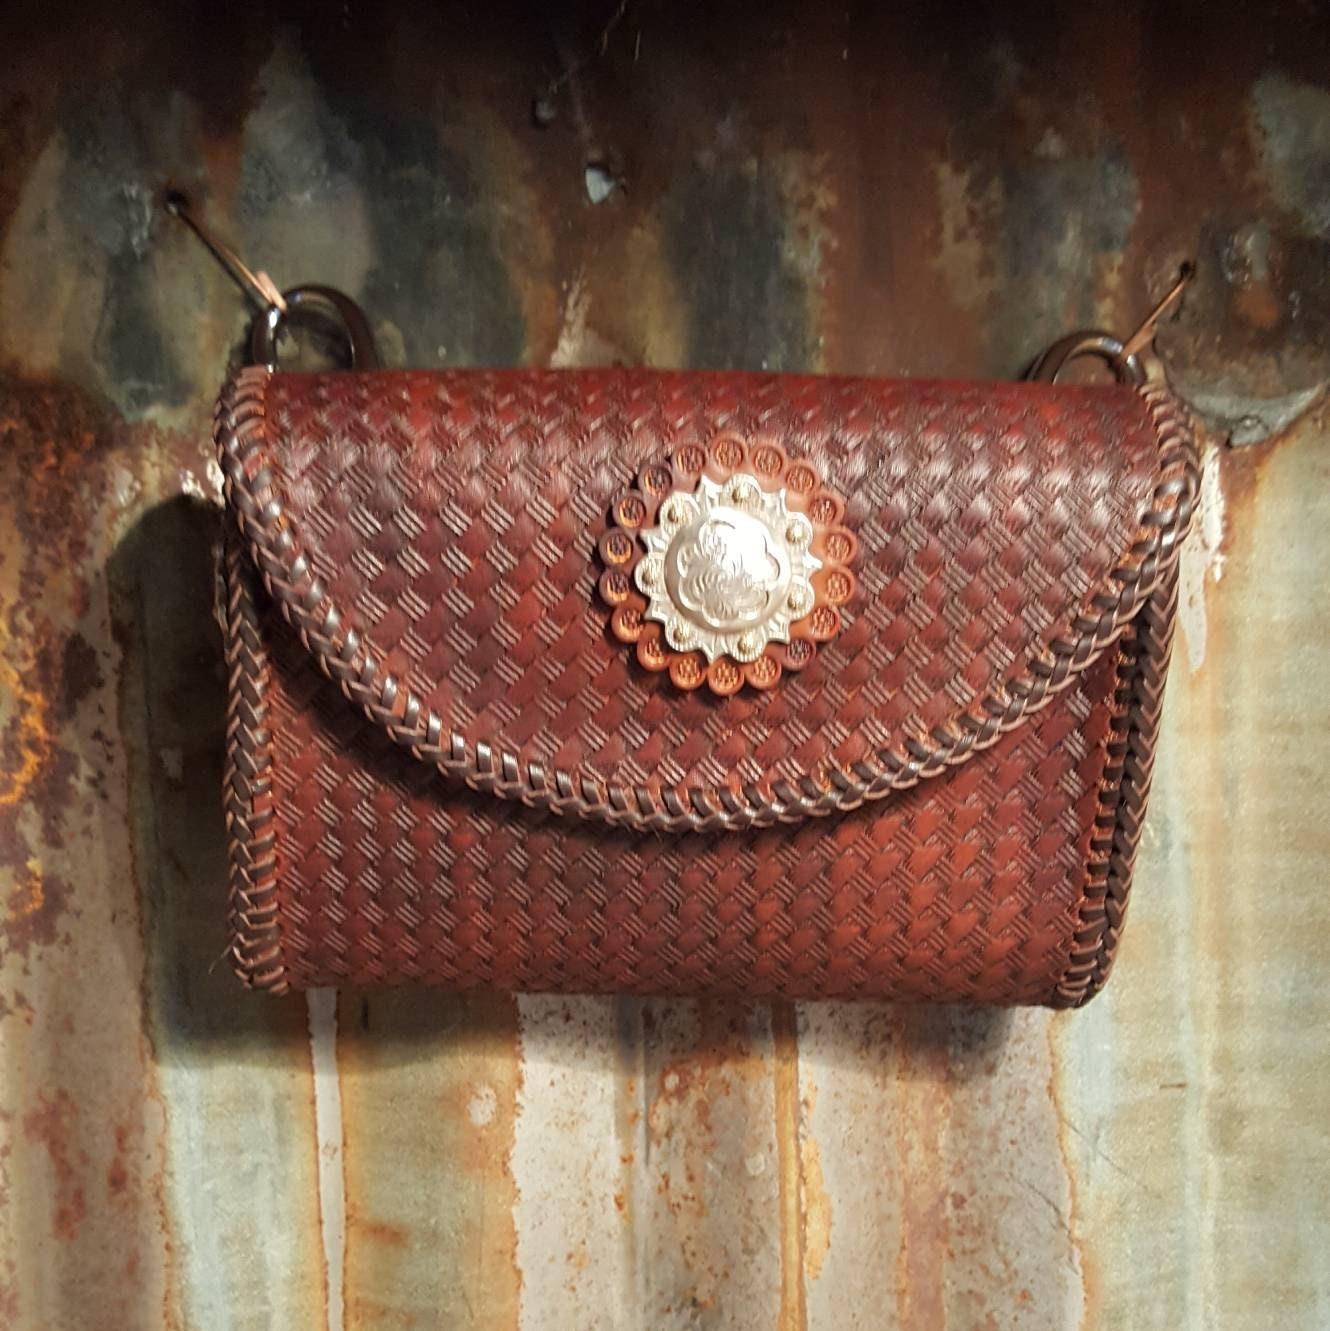 Adventure Bag Leather Treat Bag Hip Bag Belt Bag Leather